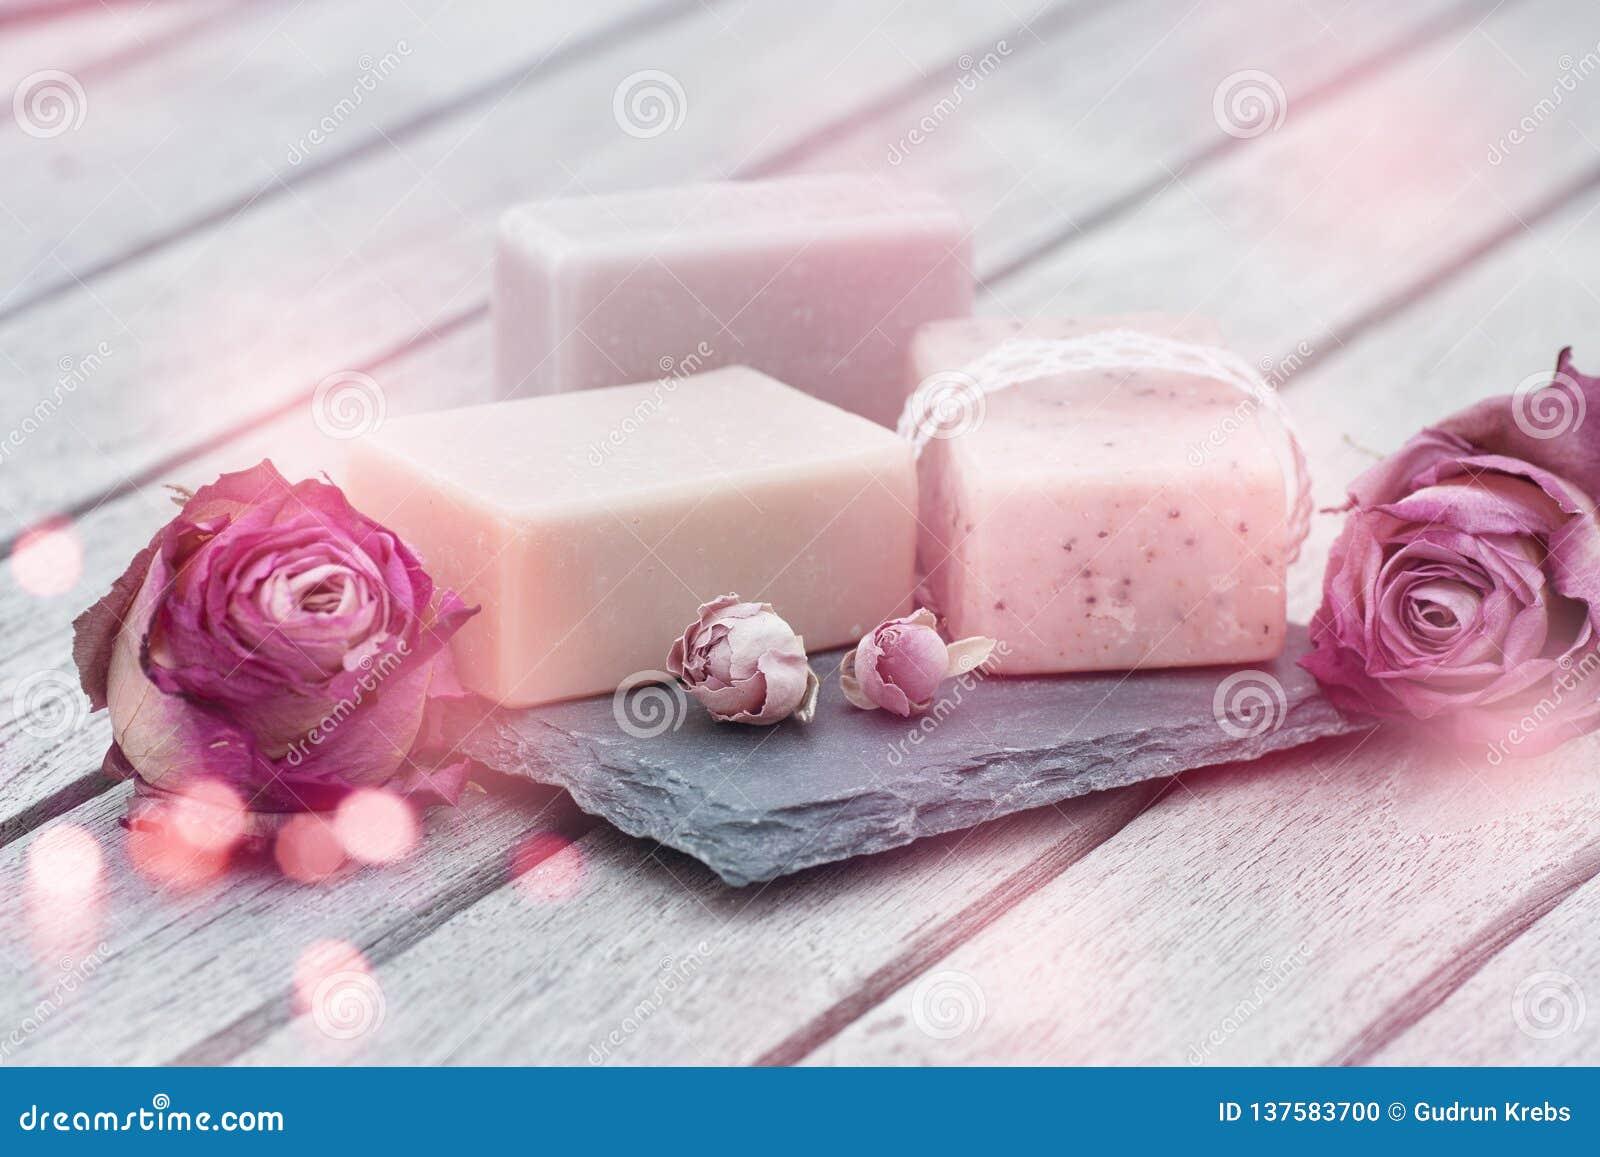 Cura di bellezza con sapone naturale